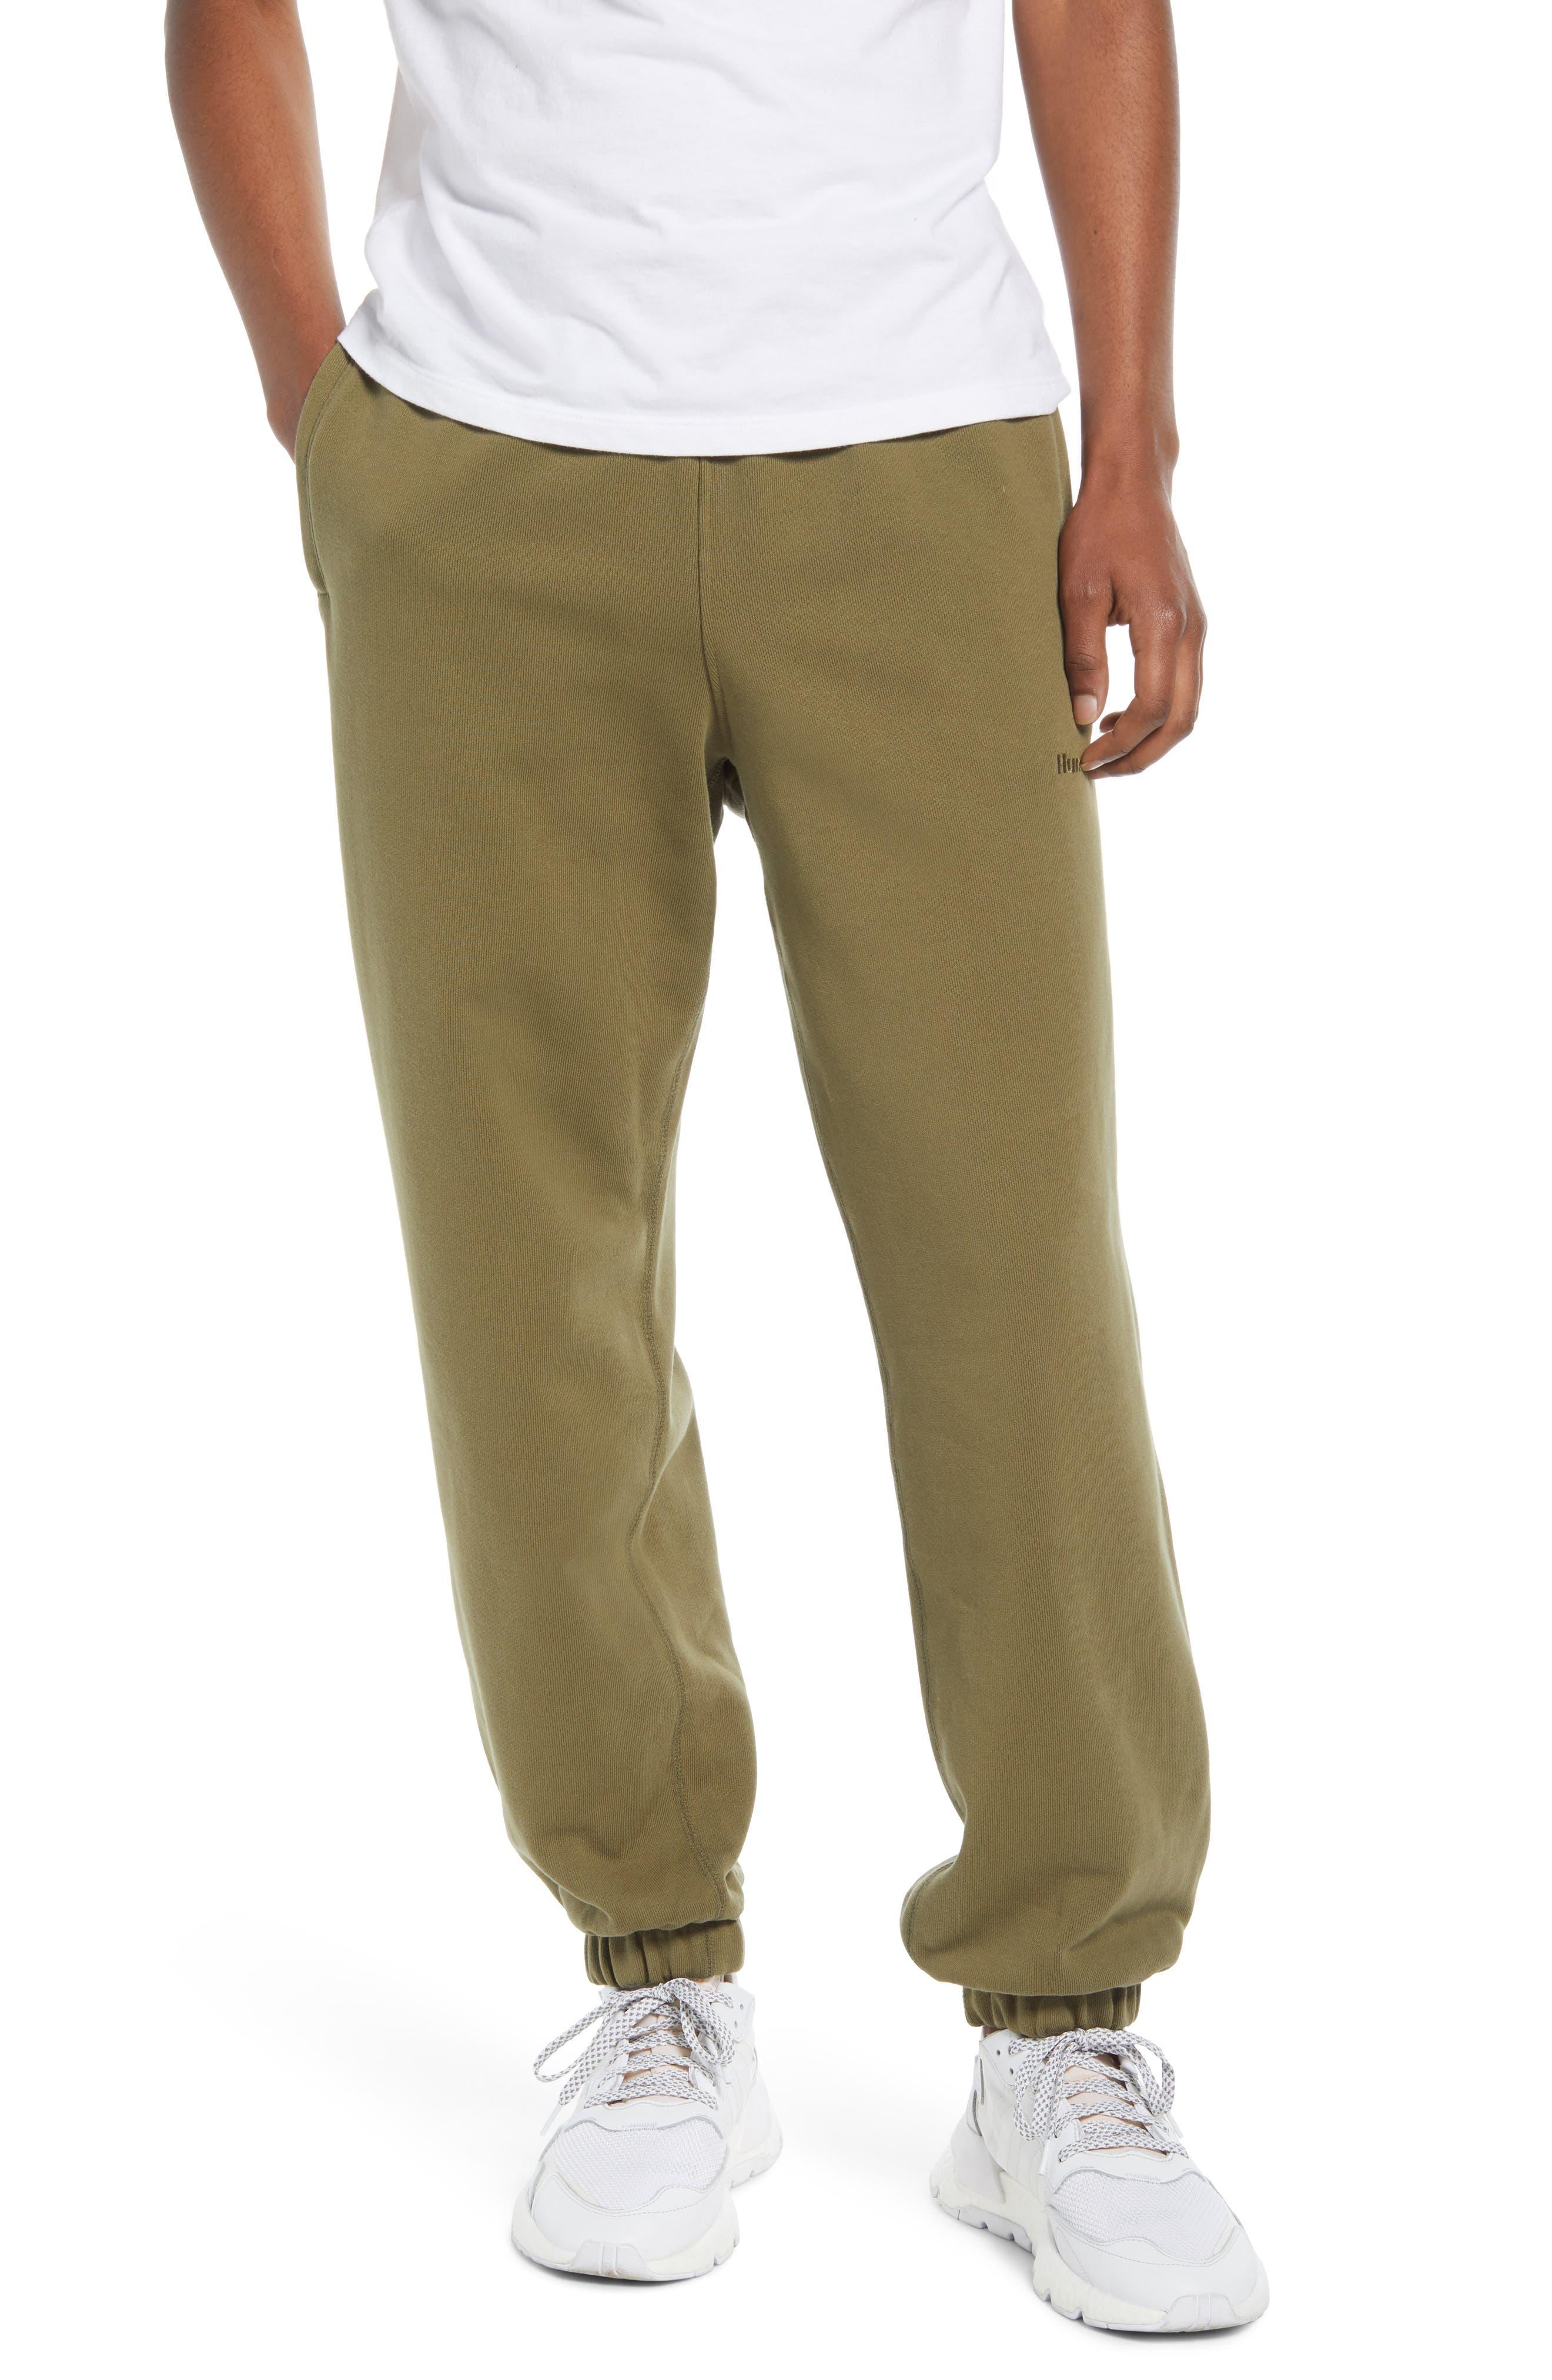 Adidas Originals x Pharrell Williams Unisex Sweatpants